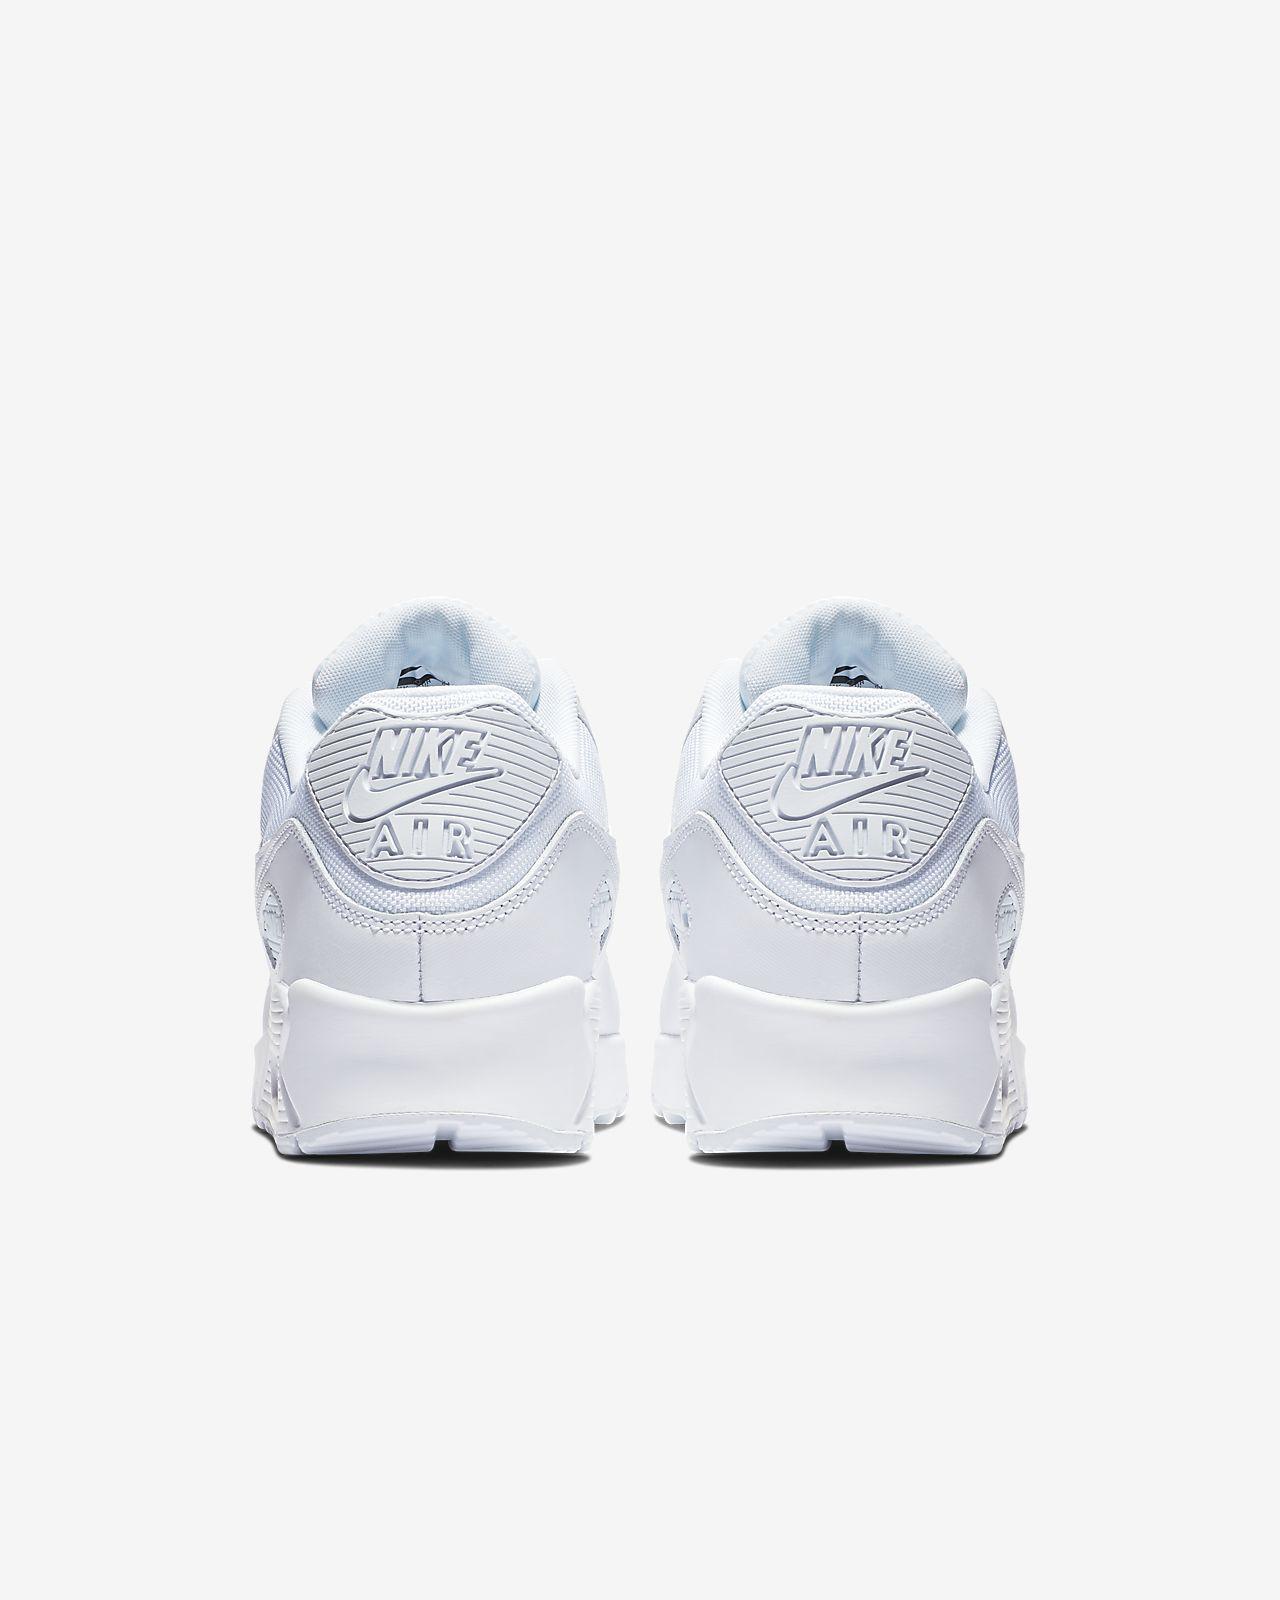 0b248d8124614 Calzado para hombre Nike Air Max 90 Essential. Nike.com MX